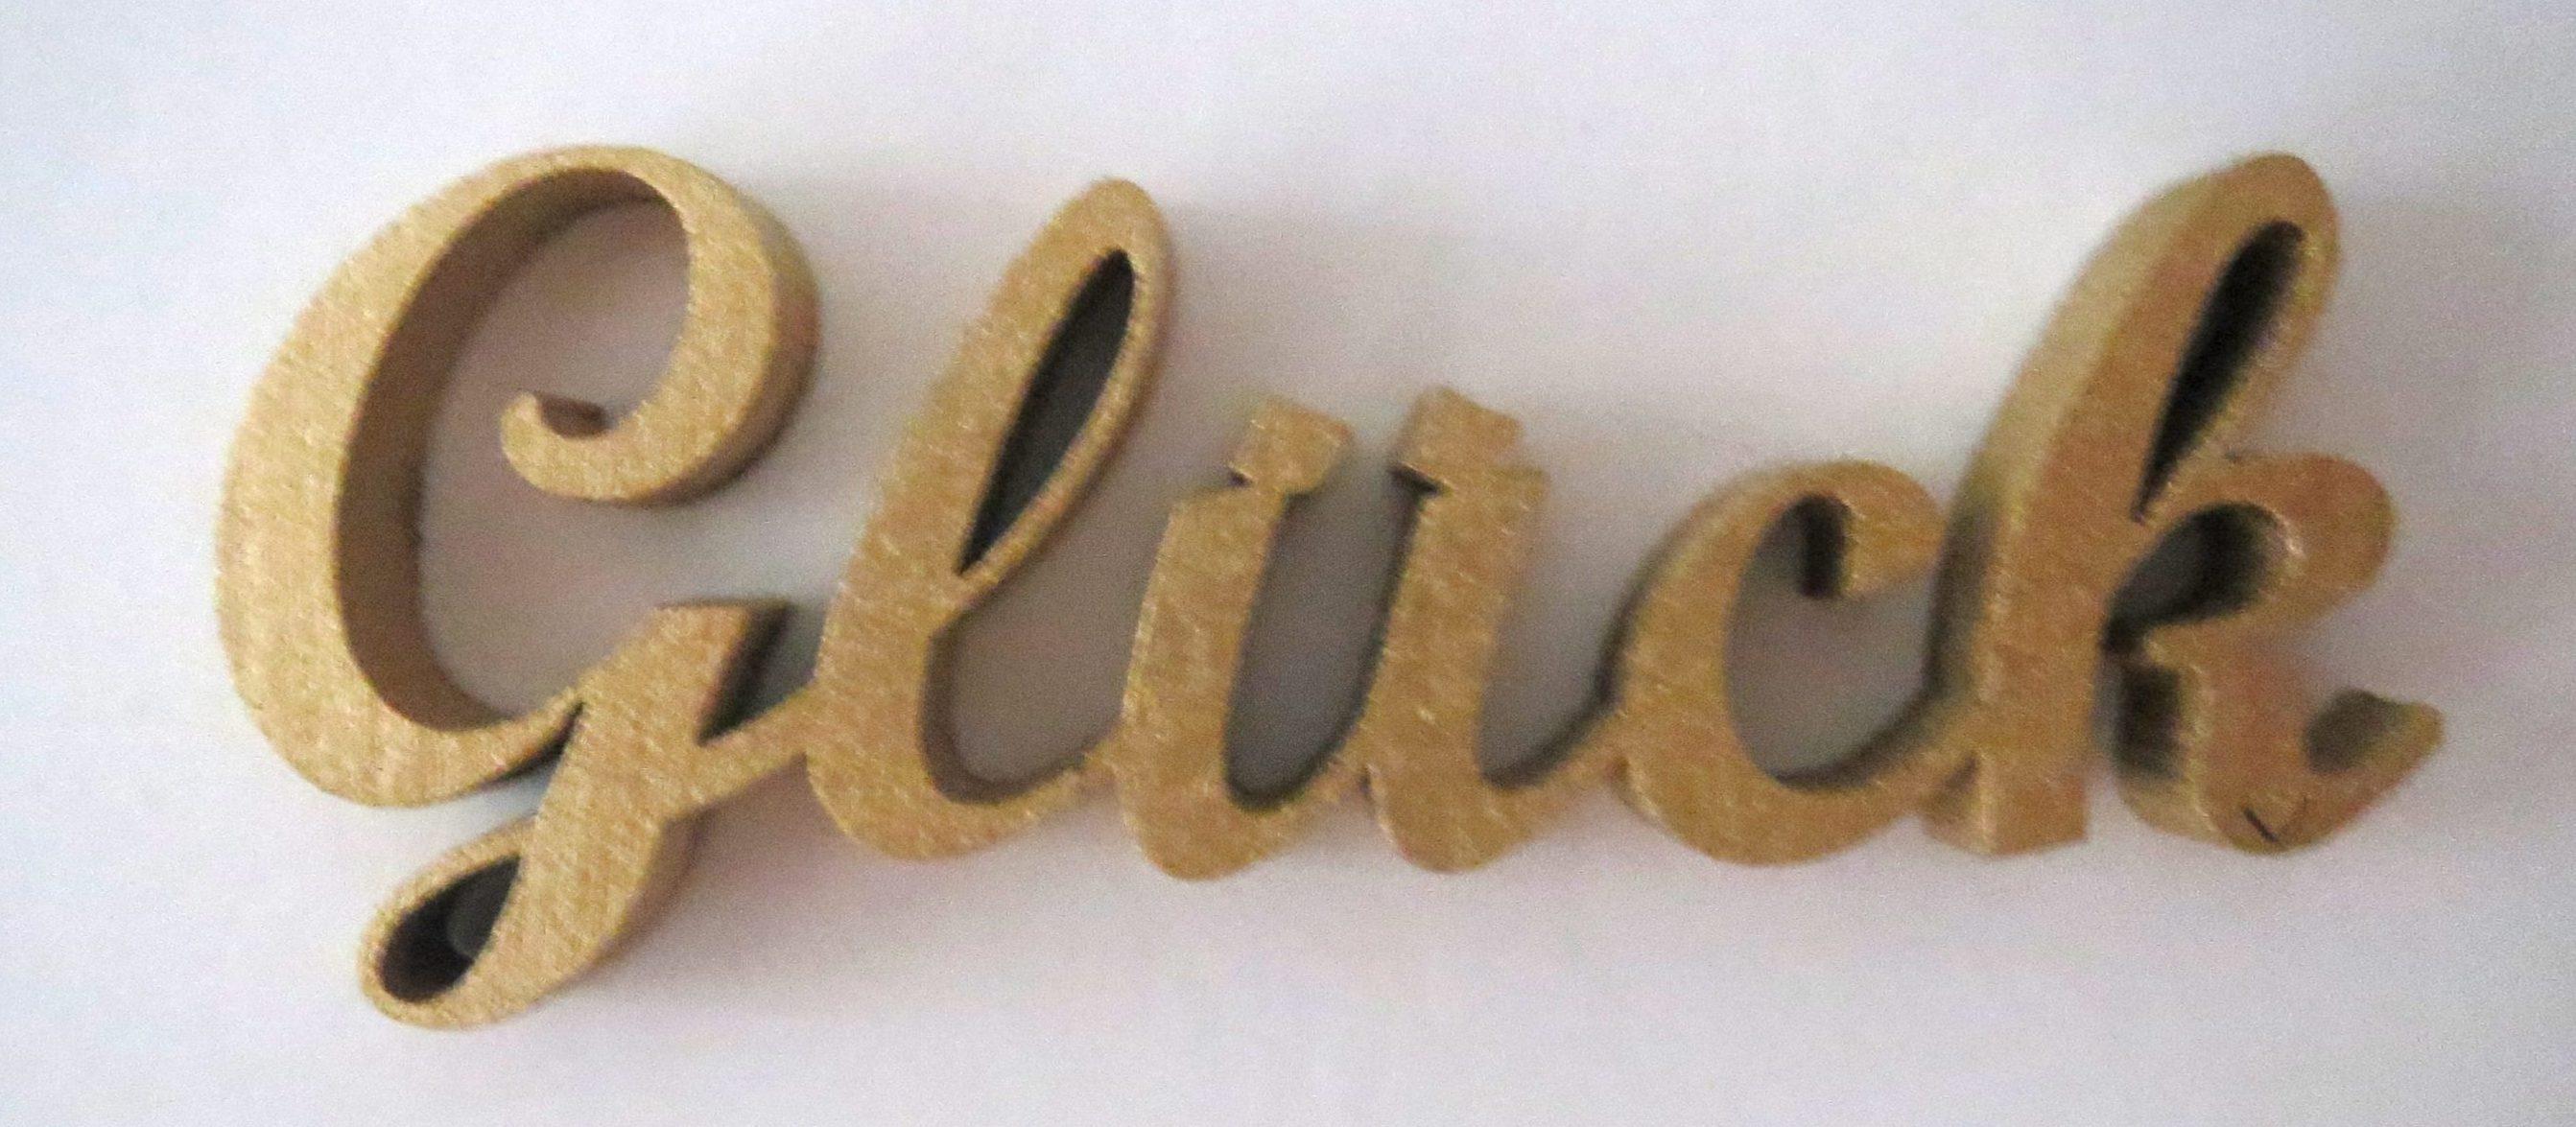 Bild Schriftzug mit Text Glück am Boden